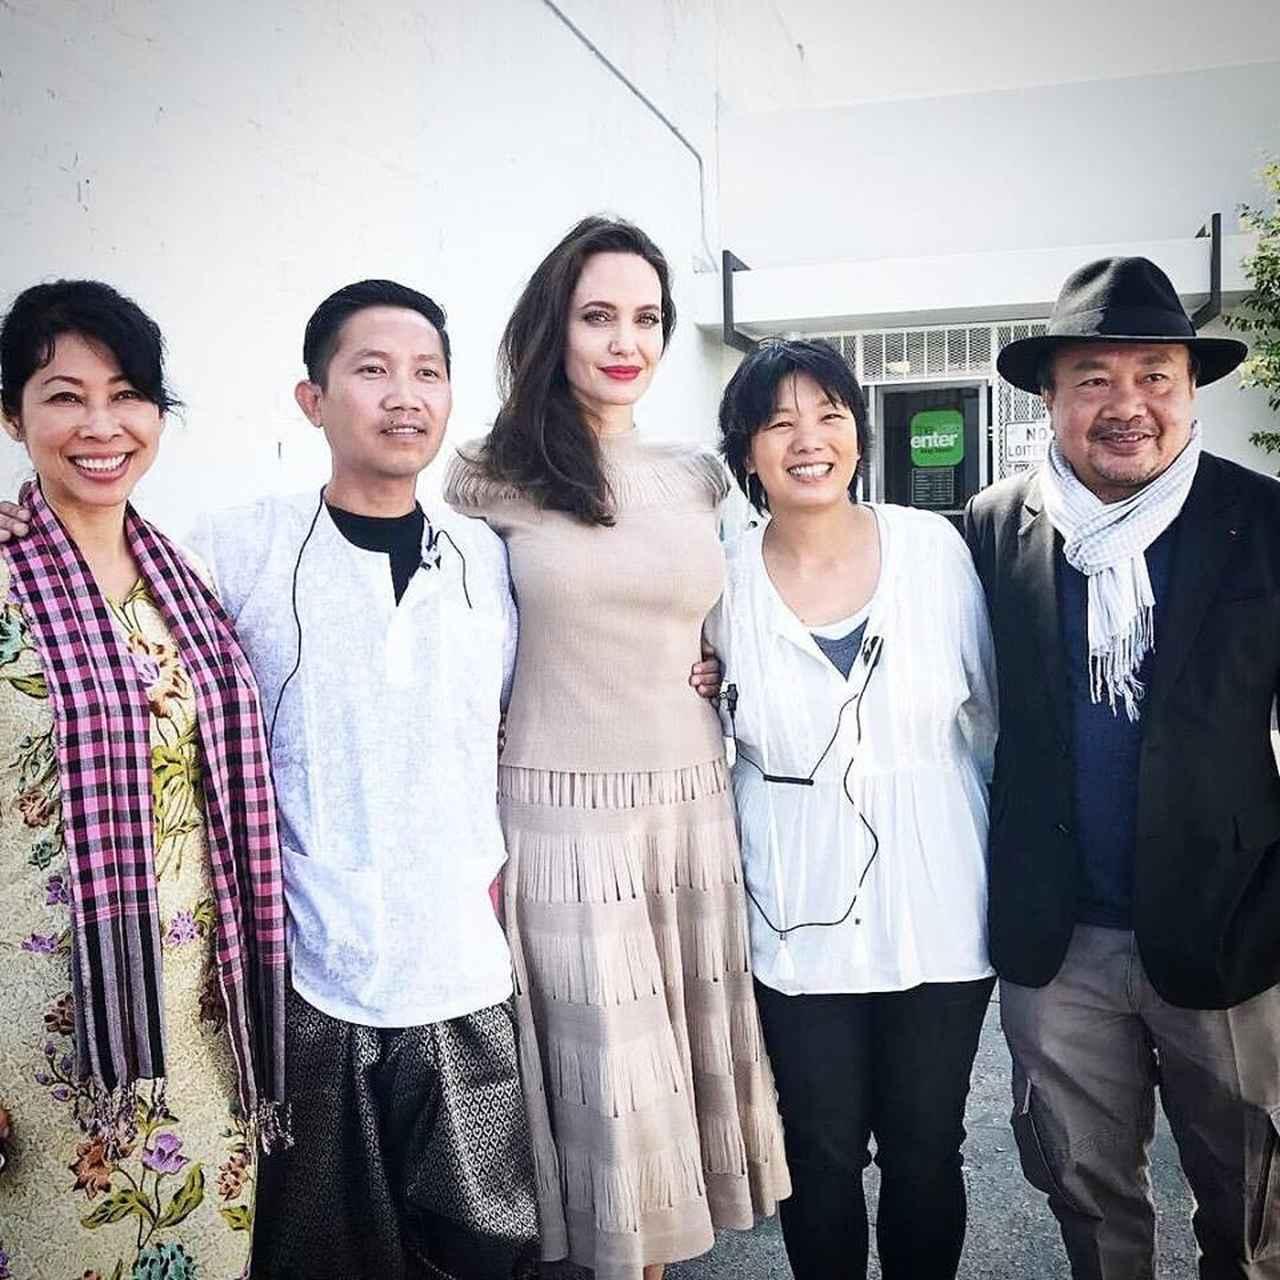 画像: 左から作家のルオン・ウン、プラーチ、アンジェリーナ。その他の2人は映画関係者。©Cambodia Town Film Festival/Facebook